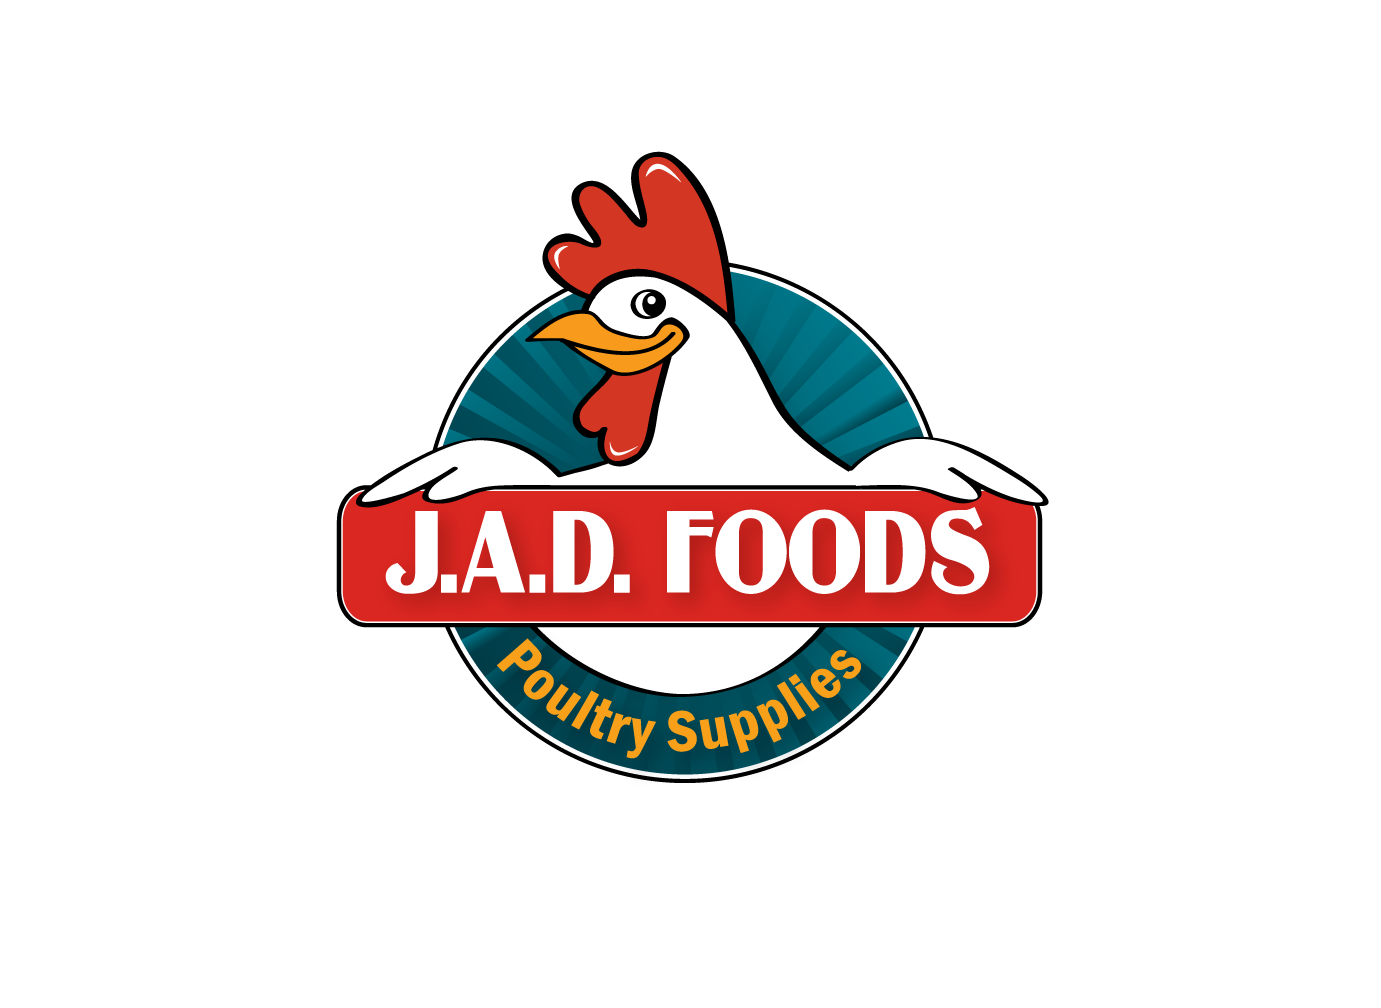 Chicken logo design - photo#15